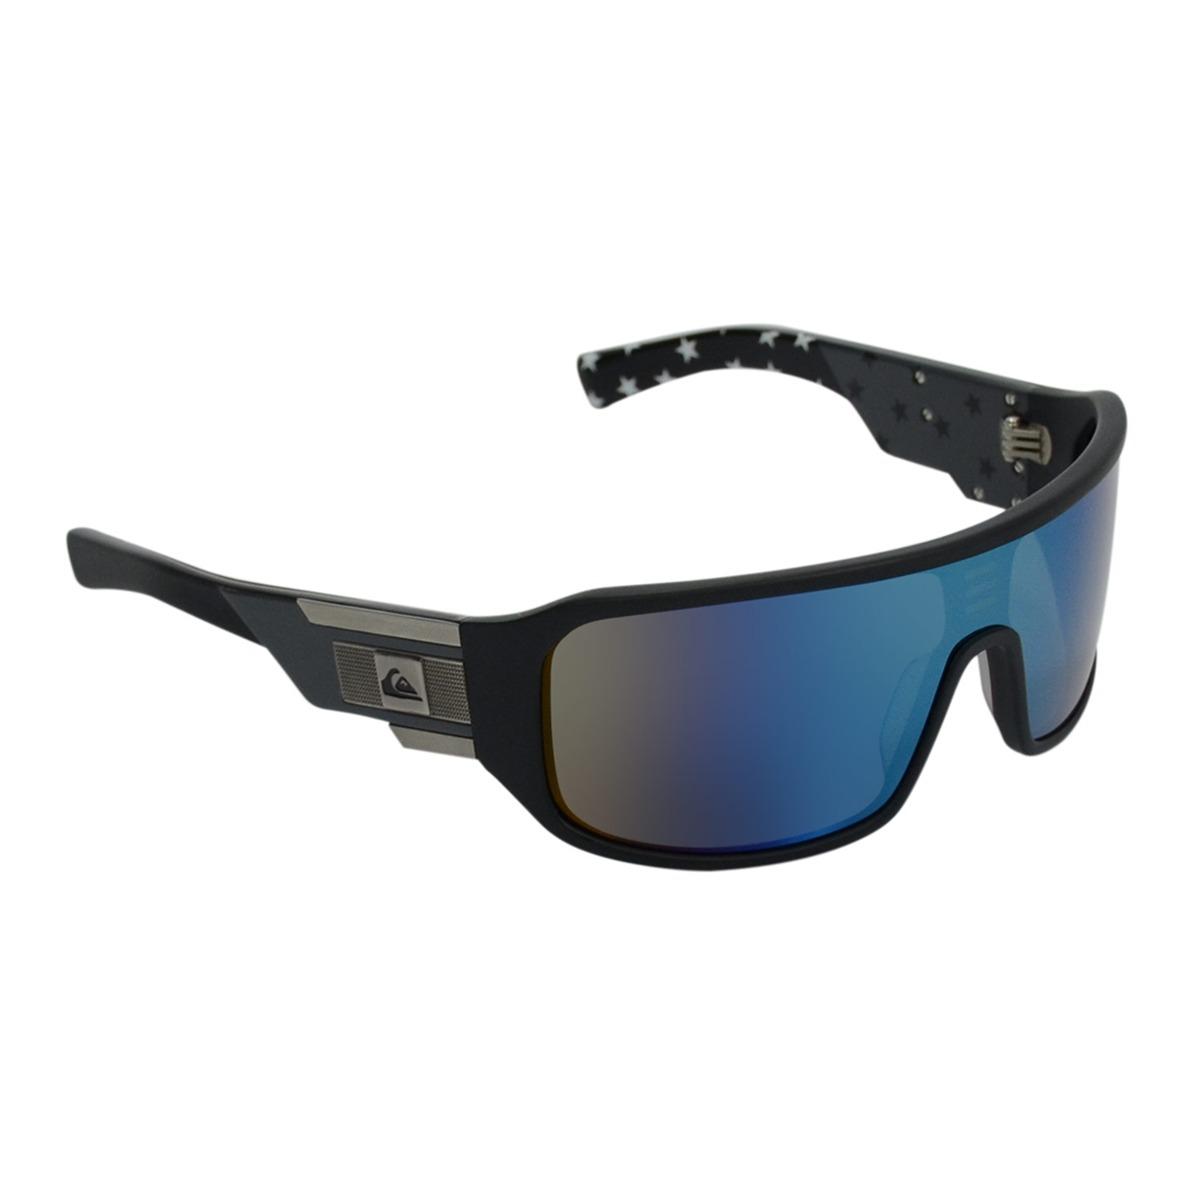 b4e1ada6ec0ae Óculos Masculino Quiksilver Racer Black Blue - R  249,00 em Mercado ...